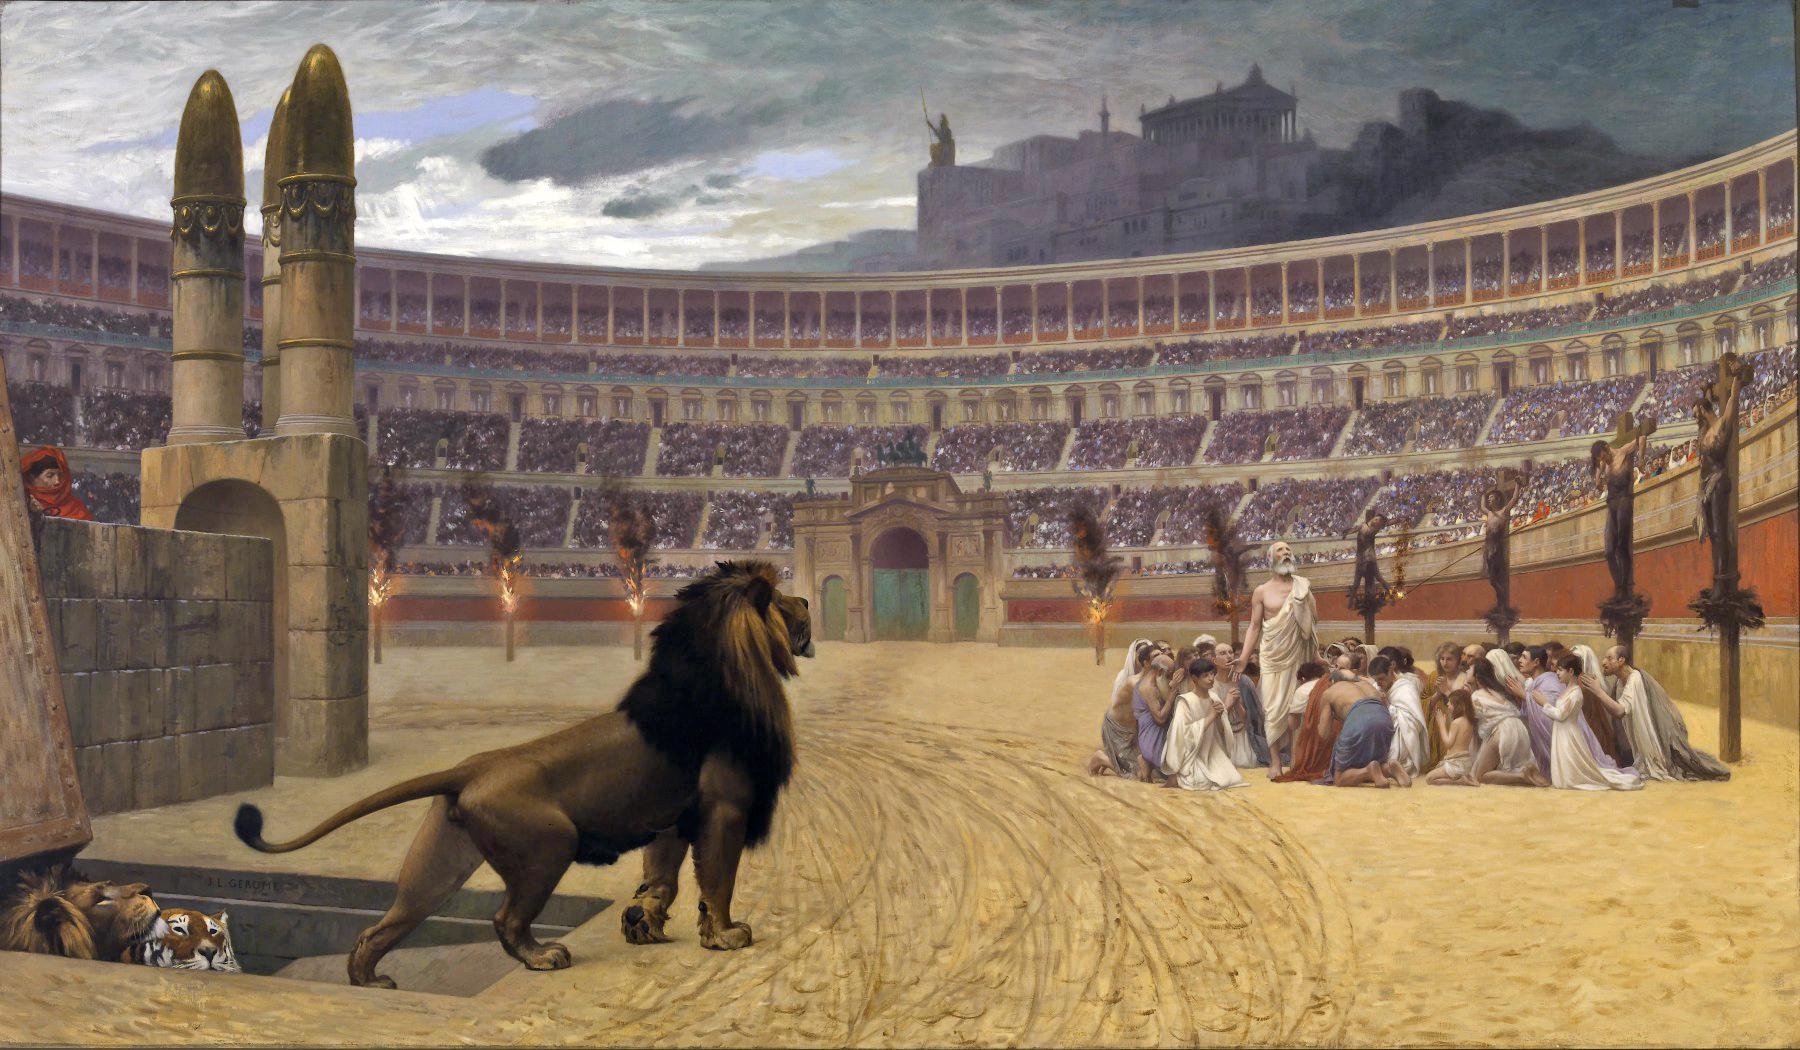 《基督殉道者最後的祈禱》(The Christian Martyrs Last Prayer),描述了古羅馬殘酷迫害基督教徒的情景:競技場周圍的柱子上,左邊是遭受火刑的基督徒,右邊是十字架處死的基督徒,中間一群基督徒則將被猛獸撕碎,而看台上無數的民眾毫無同情心地觀看著這慘烈的情景。(Soerfm/Wikimedia commons)